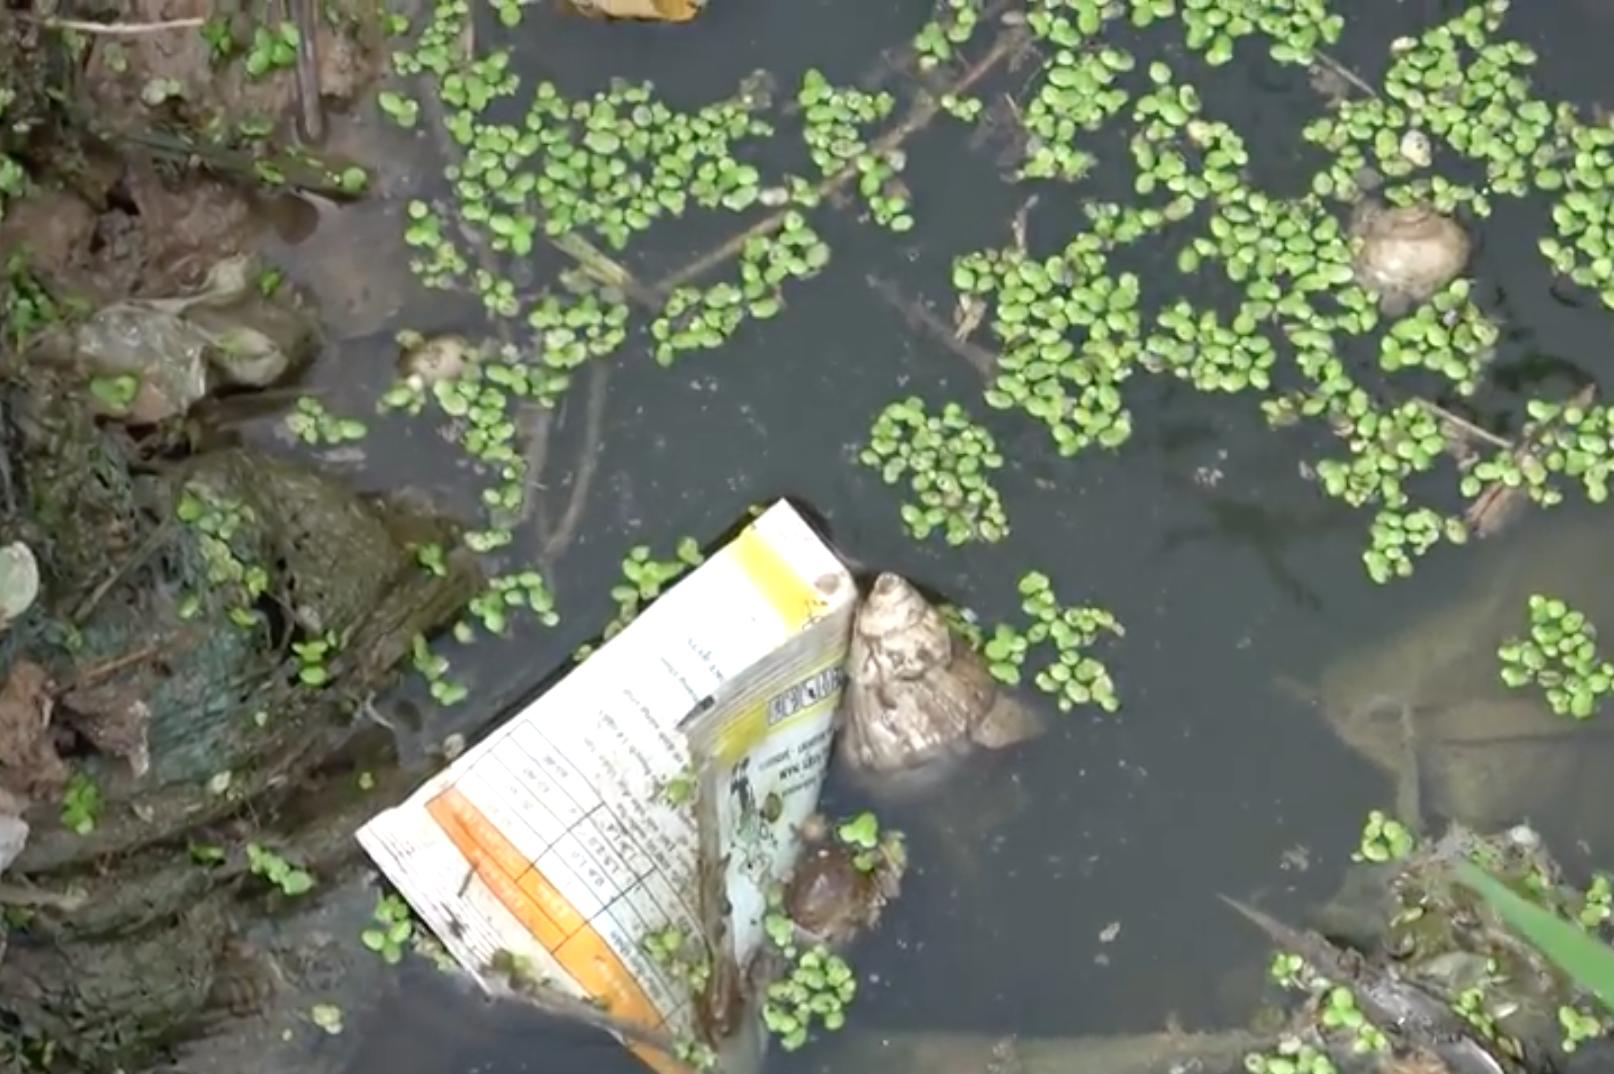 Hình ảnh Phóng sự của ANTV: Kinh hoàng rau sạch tưới nước thải độc hại tại Hà Nội số 3